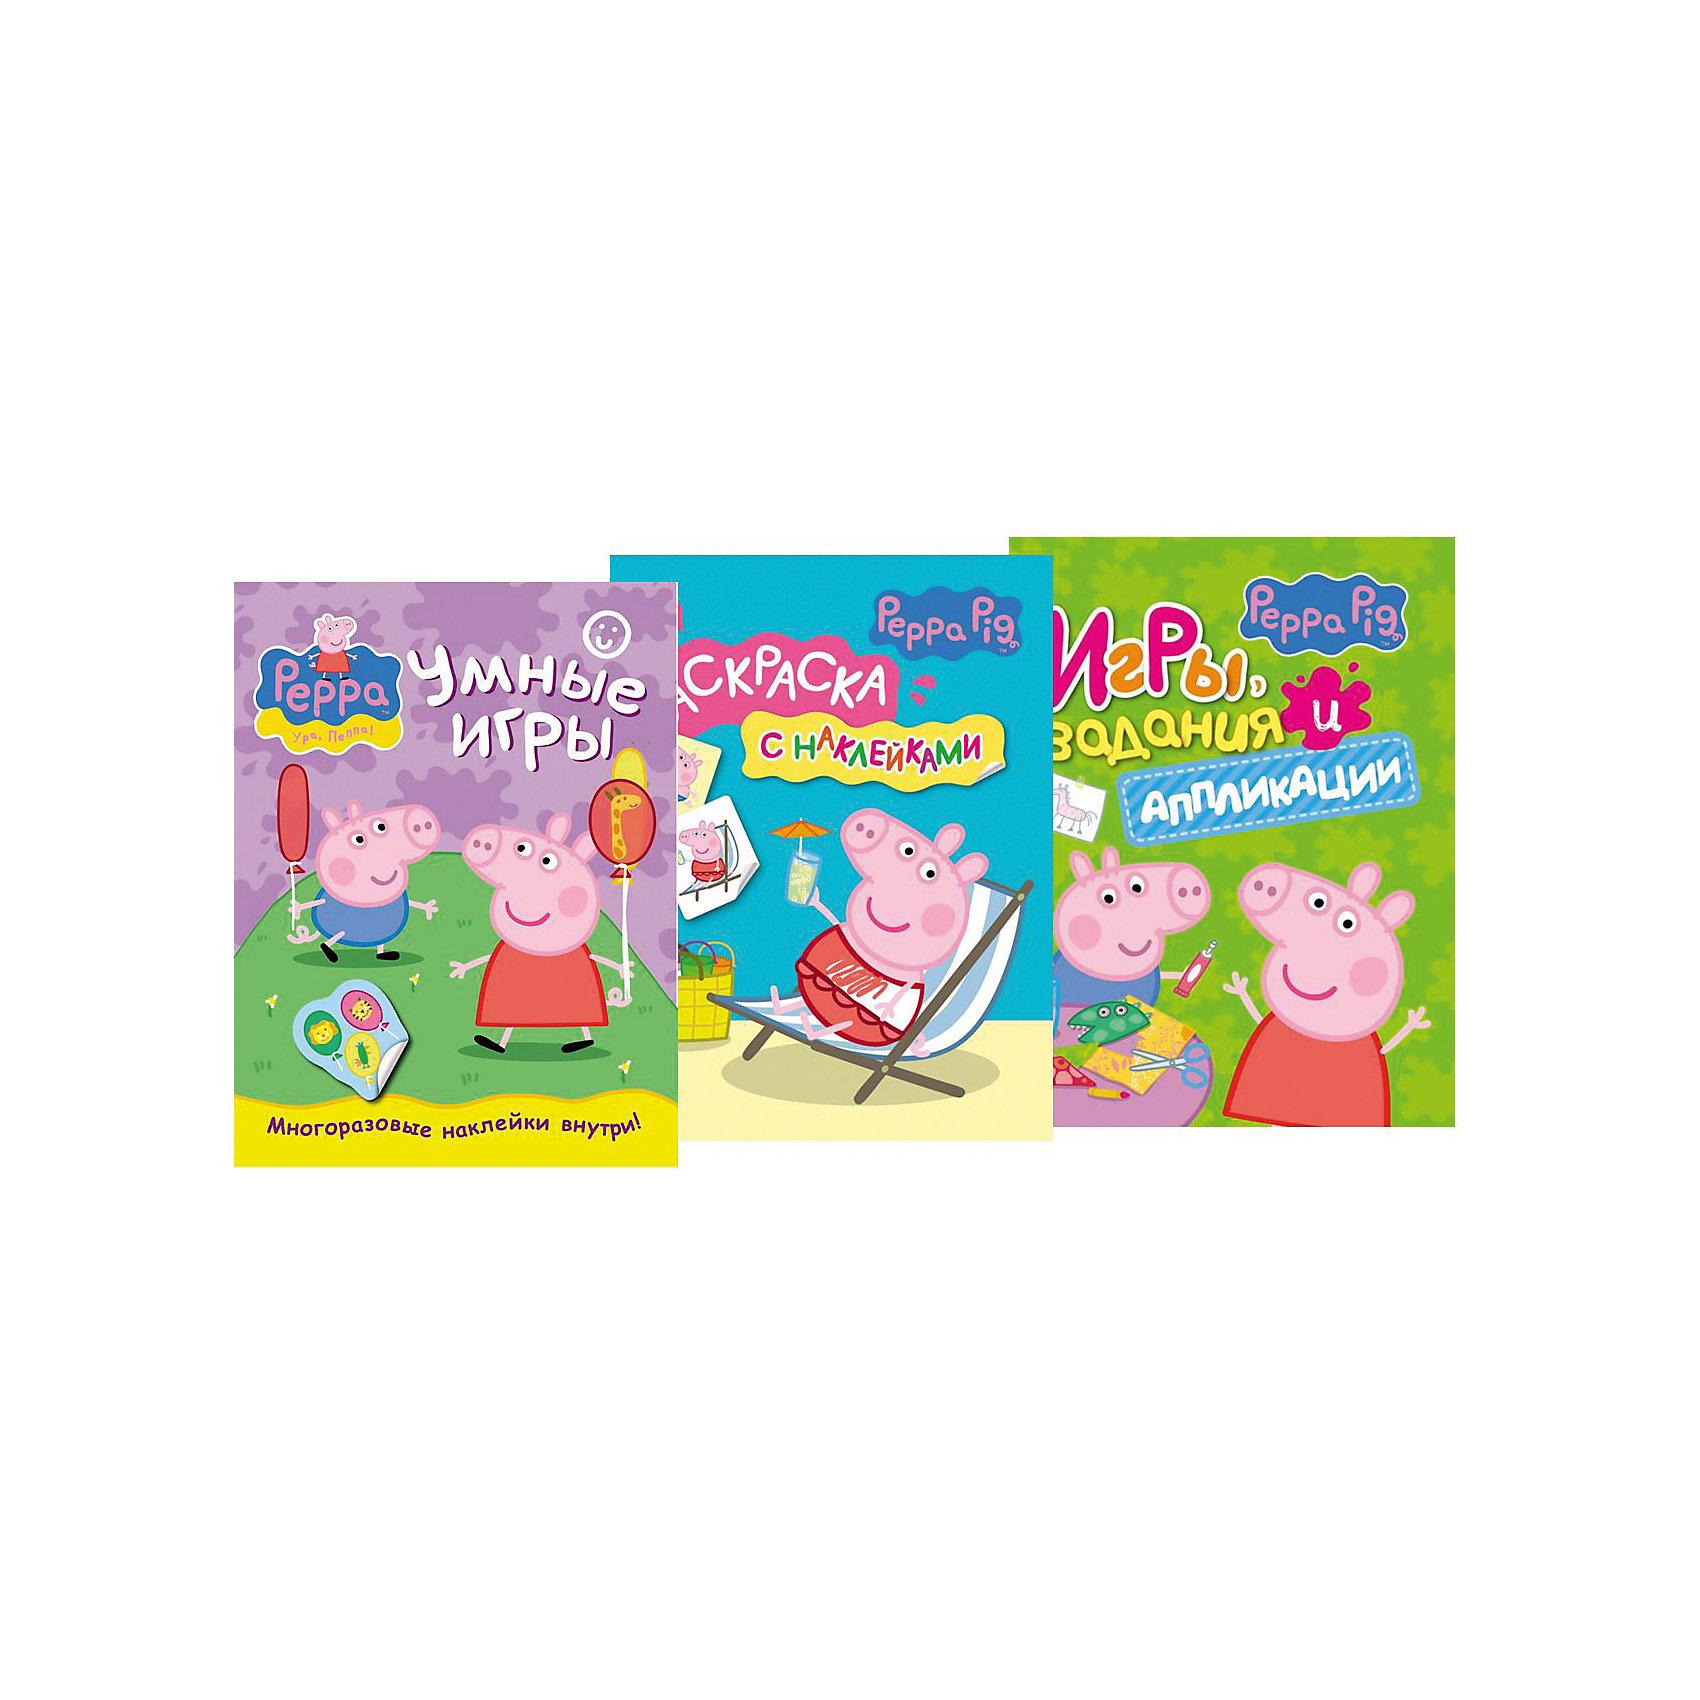 Росмэн Комплект Свинка Пеппа: Раскраски, игры, наклейки наклейки свинка пеппа 100 шт